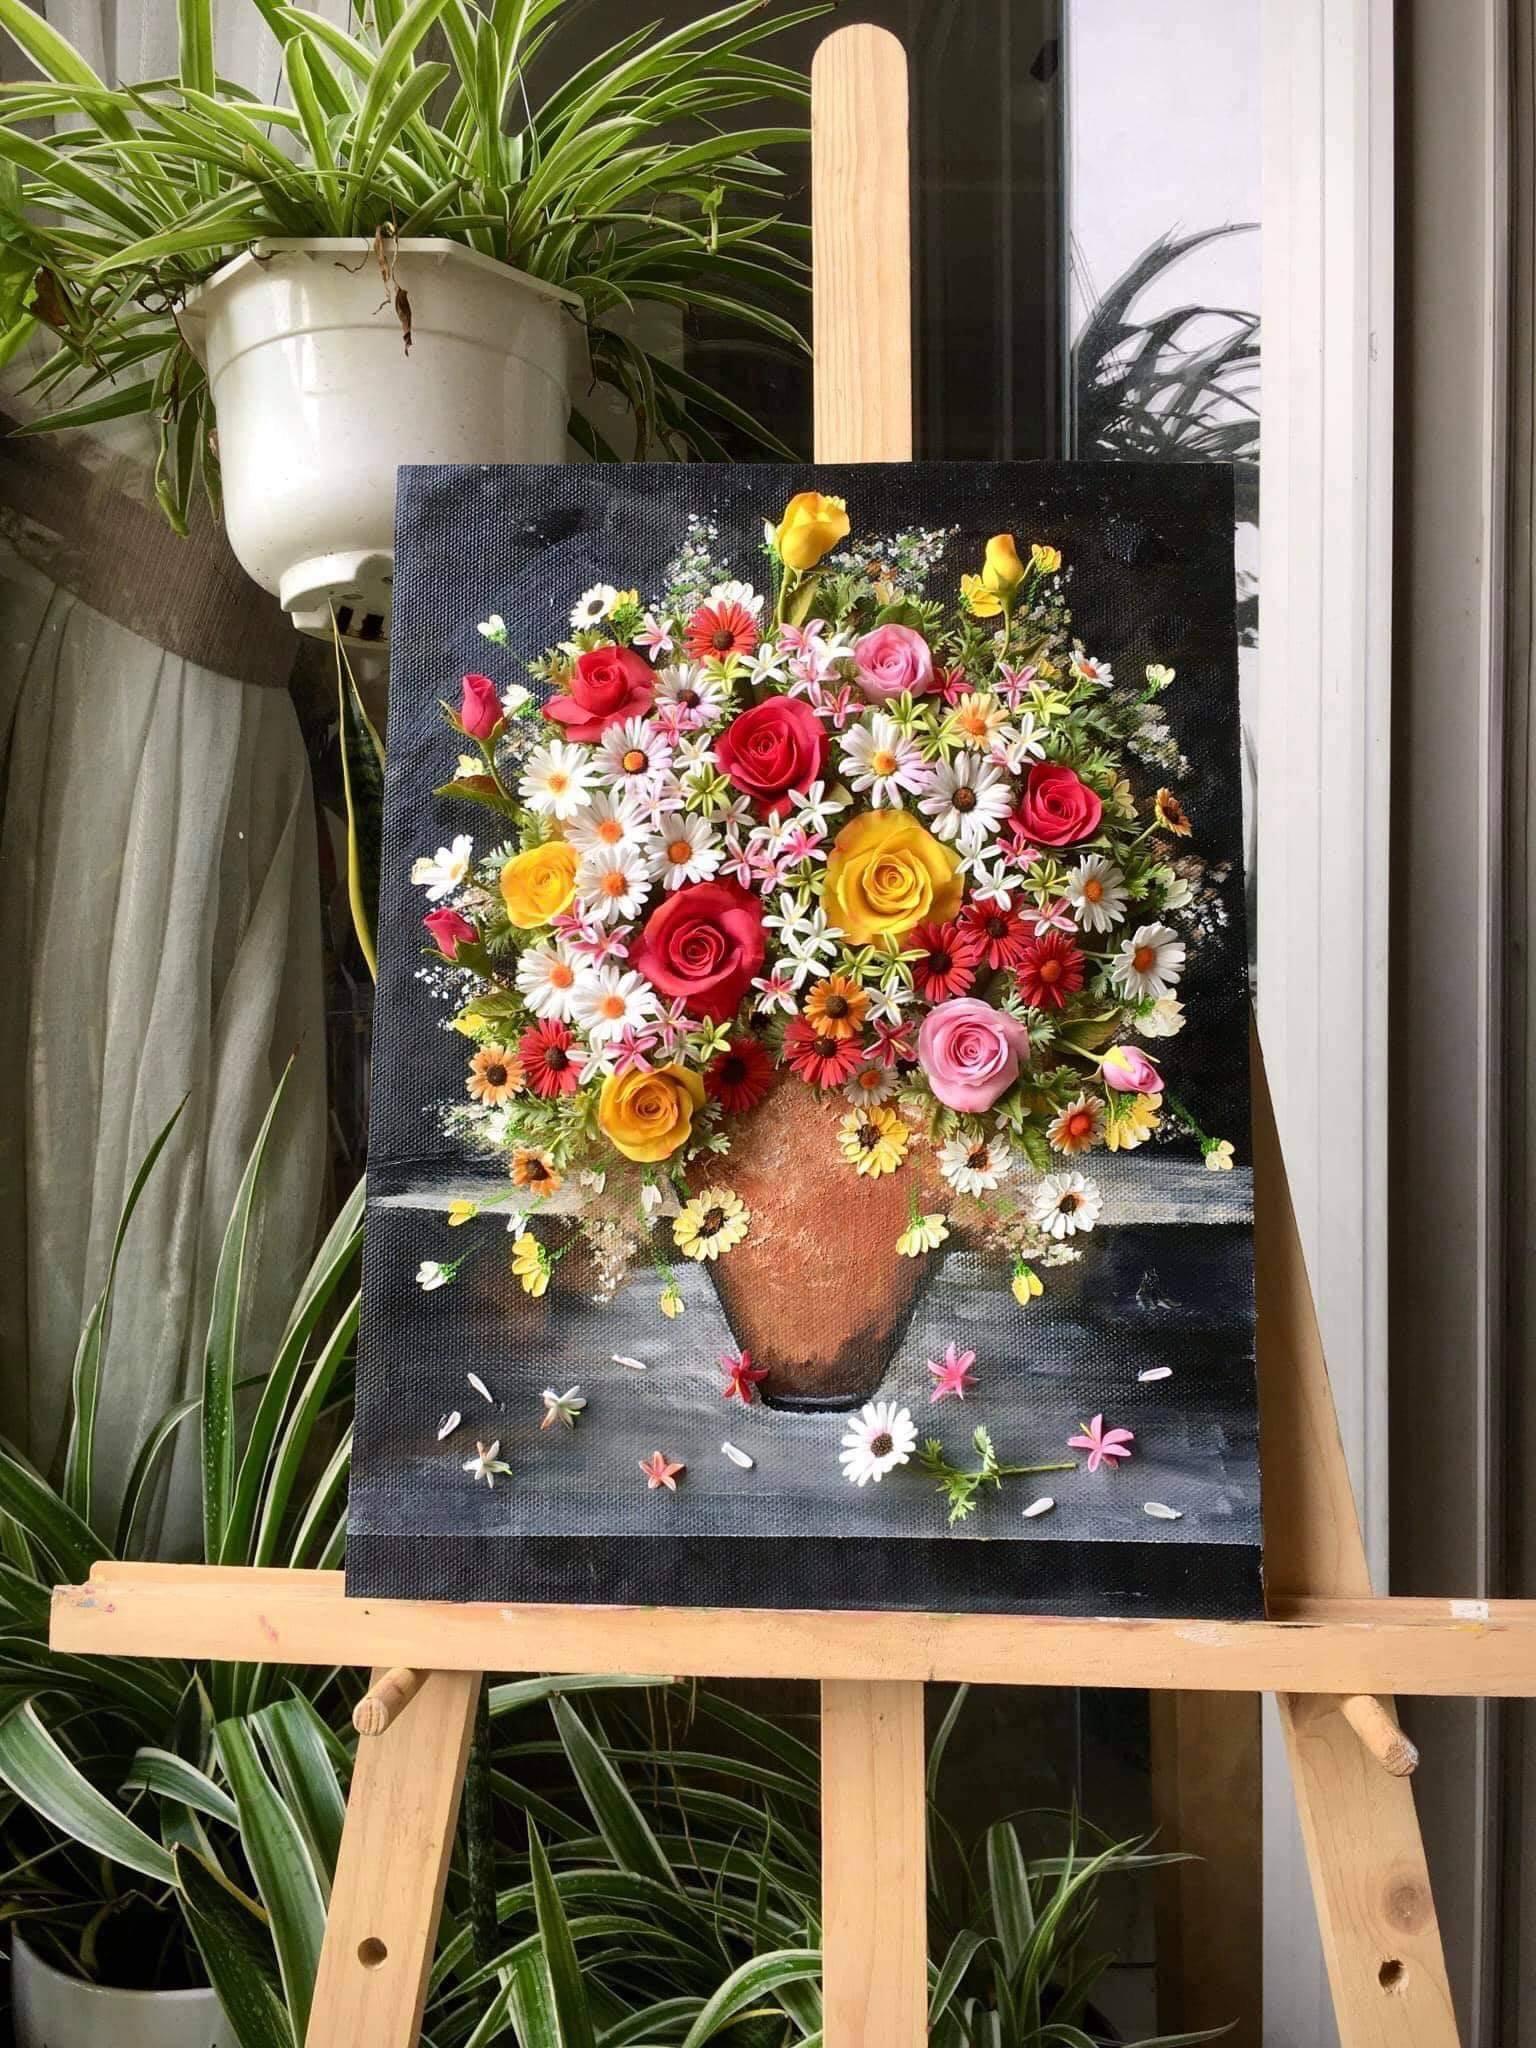 Người phụ nữ Sài thành 'vẽ tranh' bằng đất sét, cảm giác chân thực như chạm tay vào đóa hoa rực rỡ